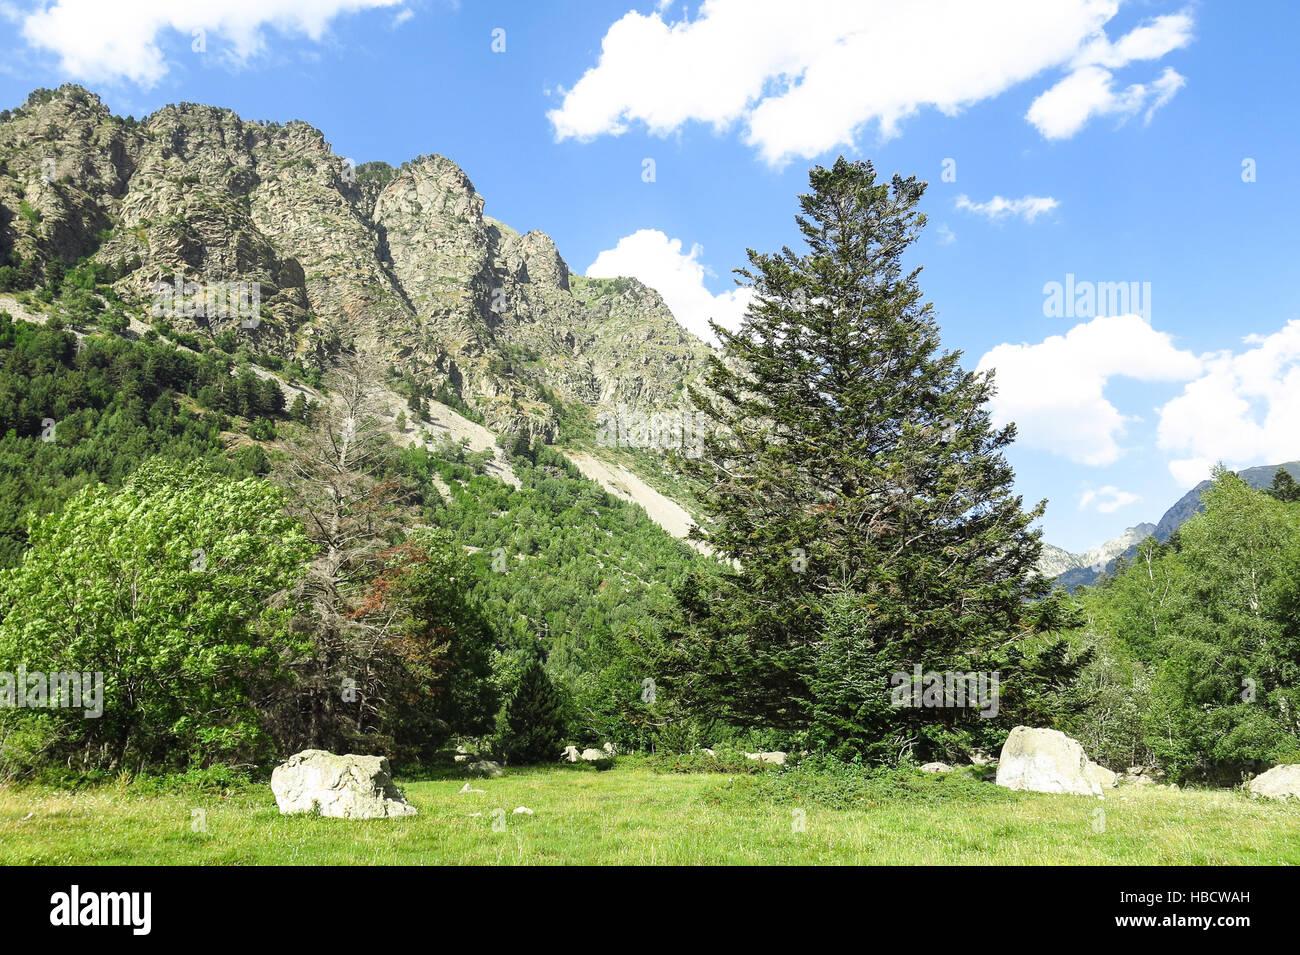 Le Parc National Aigüestortes à Panorama dans les Pyrénées Catalanes, Espagne Photo Stock